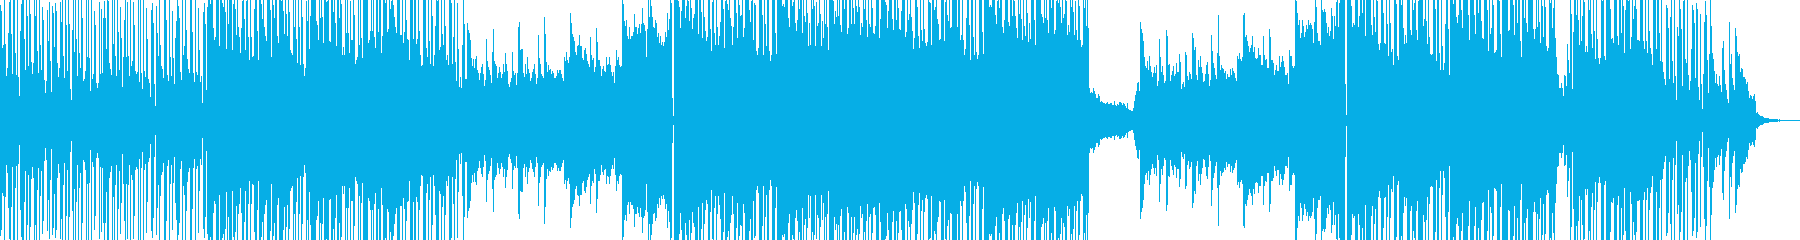 ドラム & ベース ジャングル ポ...の再生済みの波形